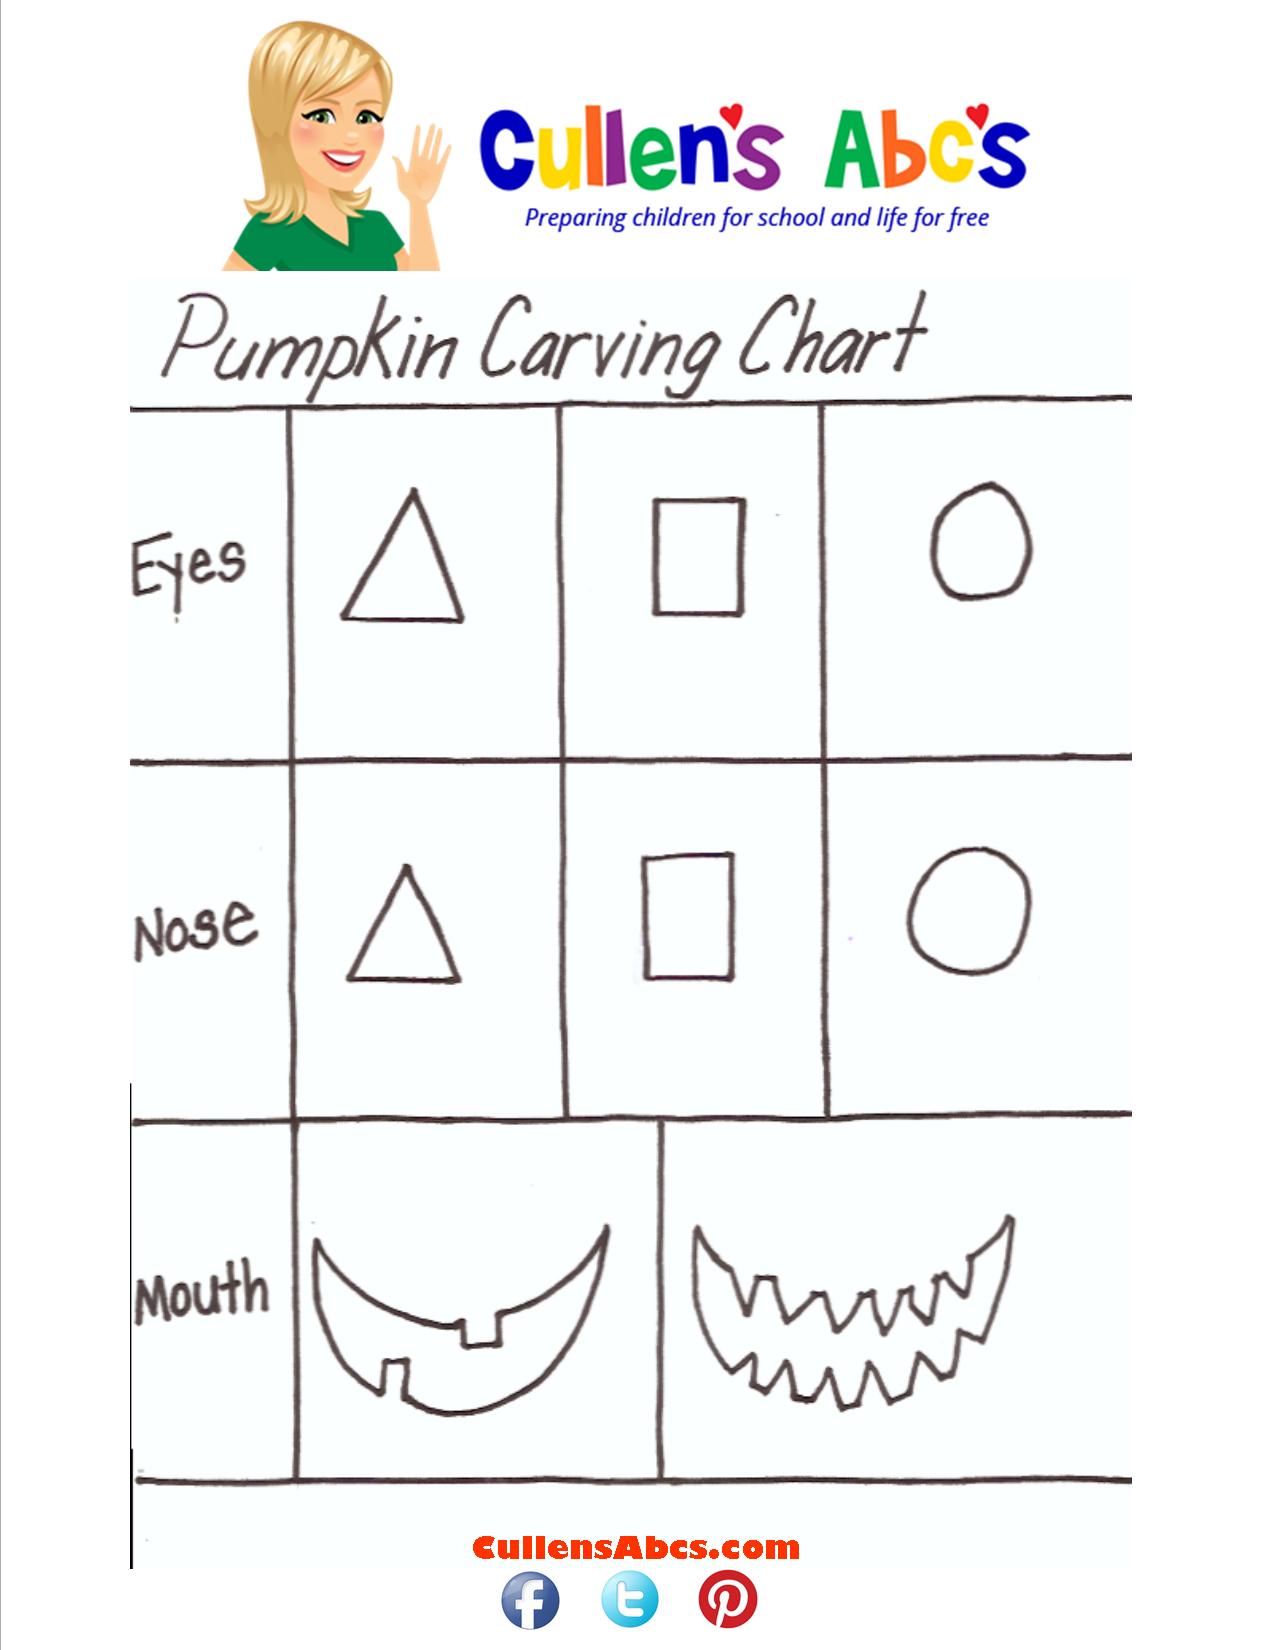 Pumpkin Carving Chart